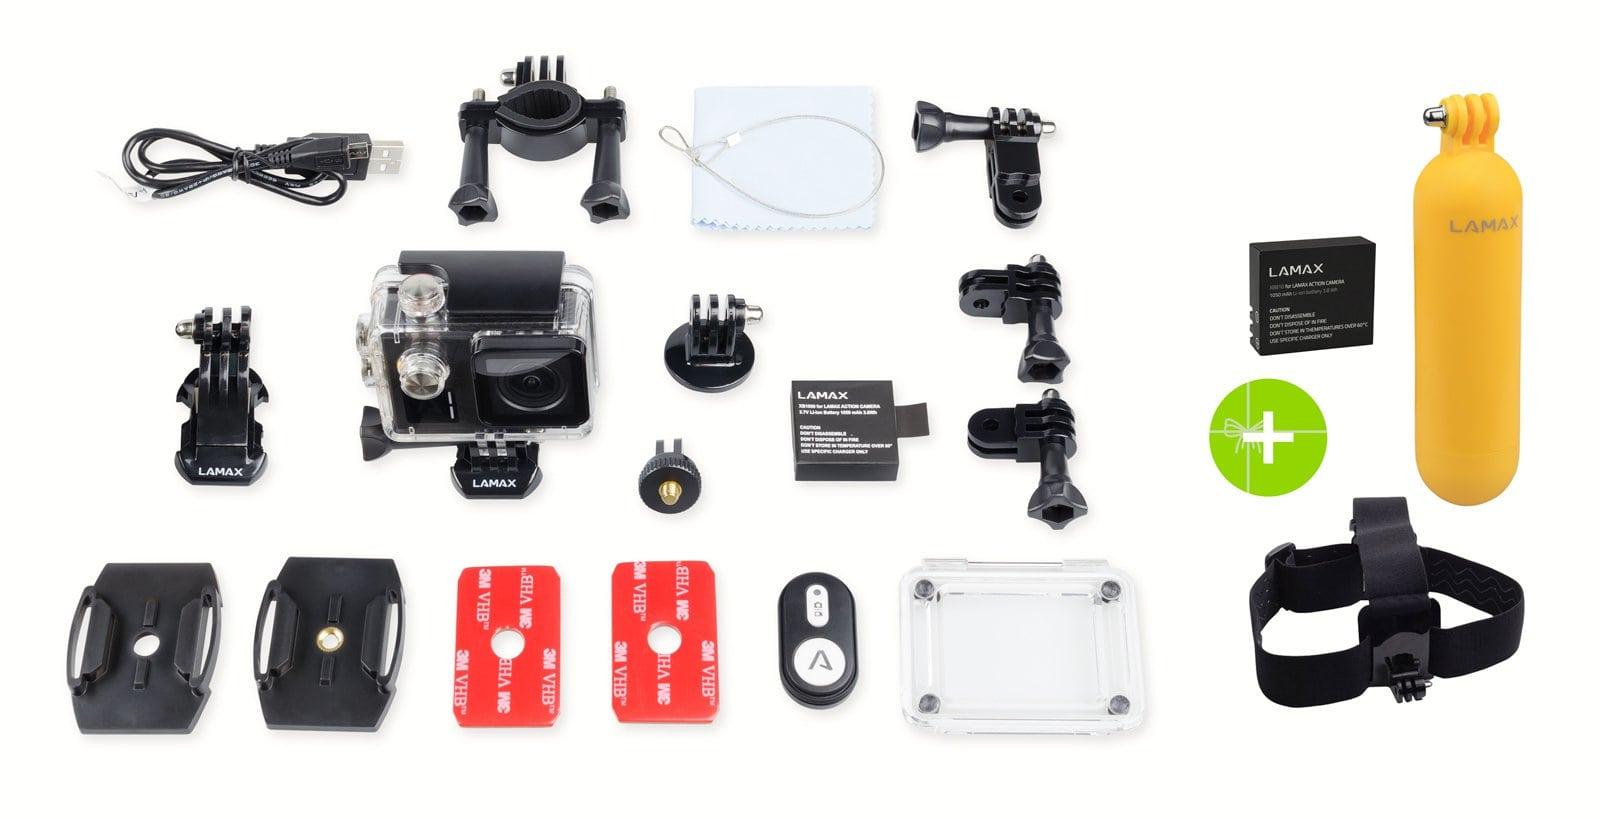 Lamax X10 Taurus akcesoria